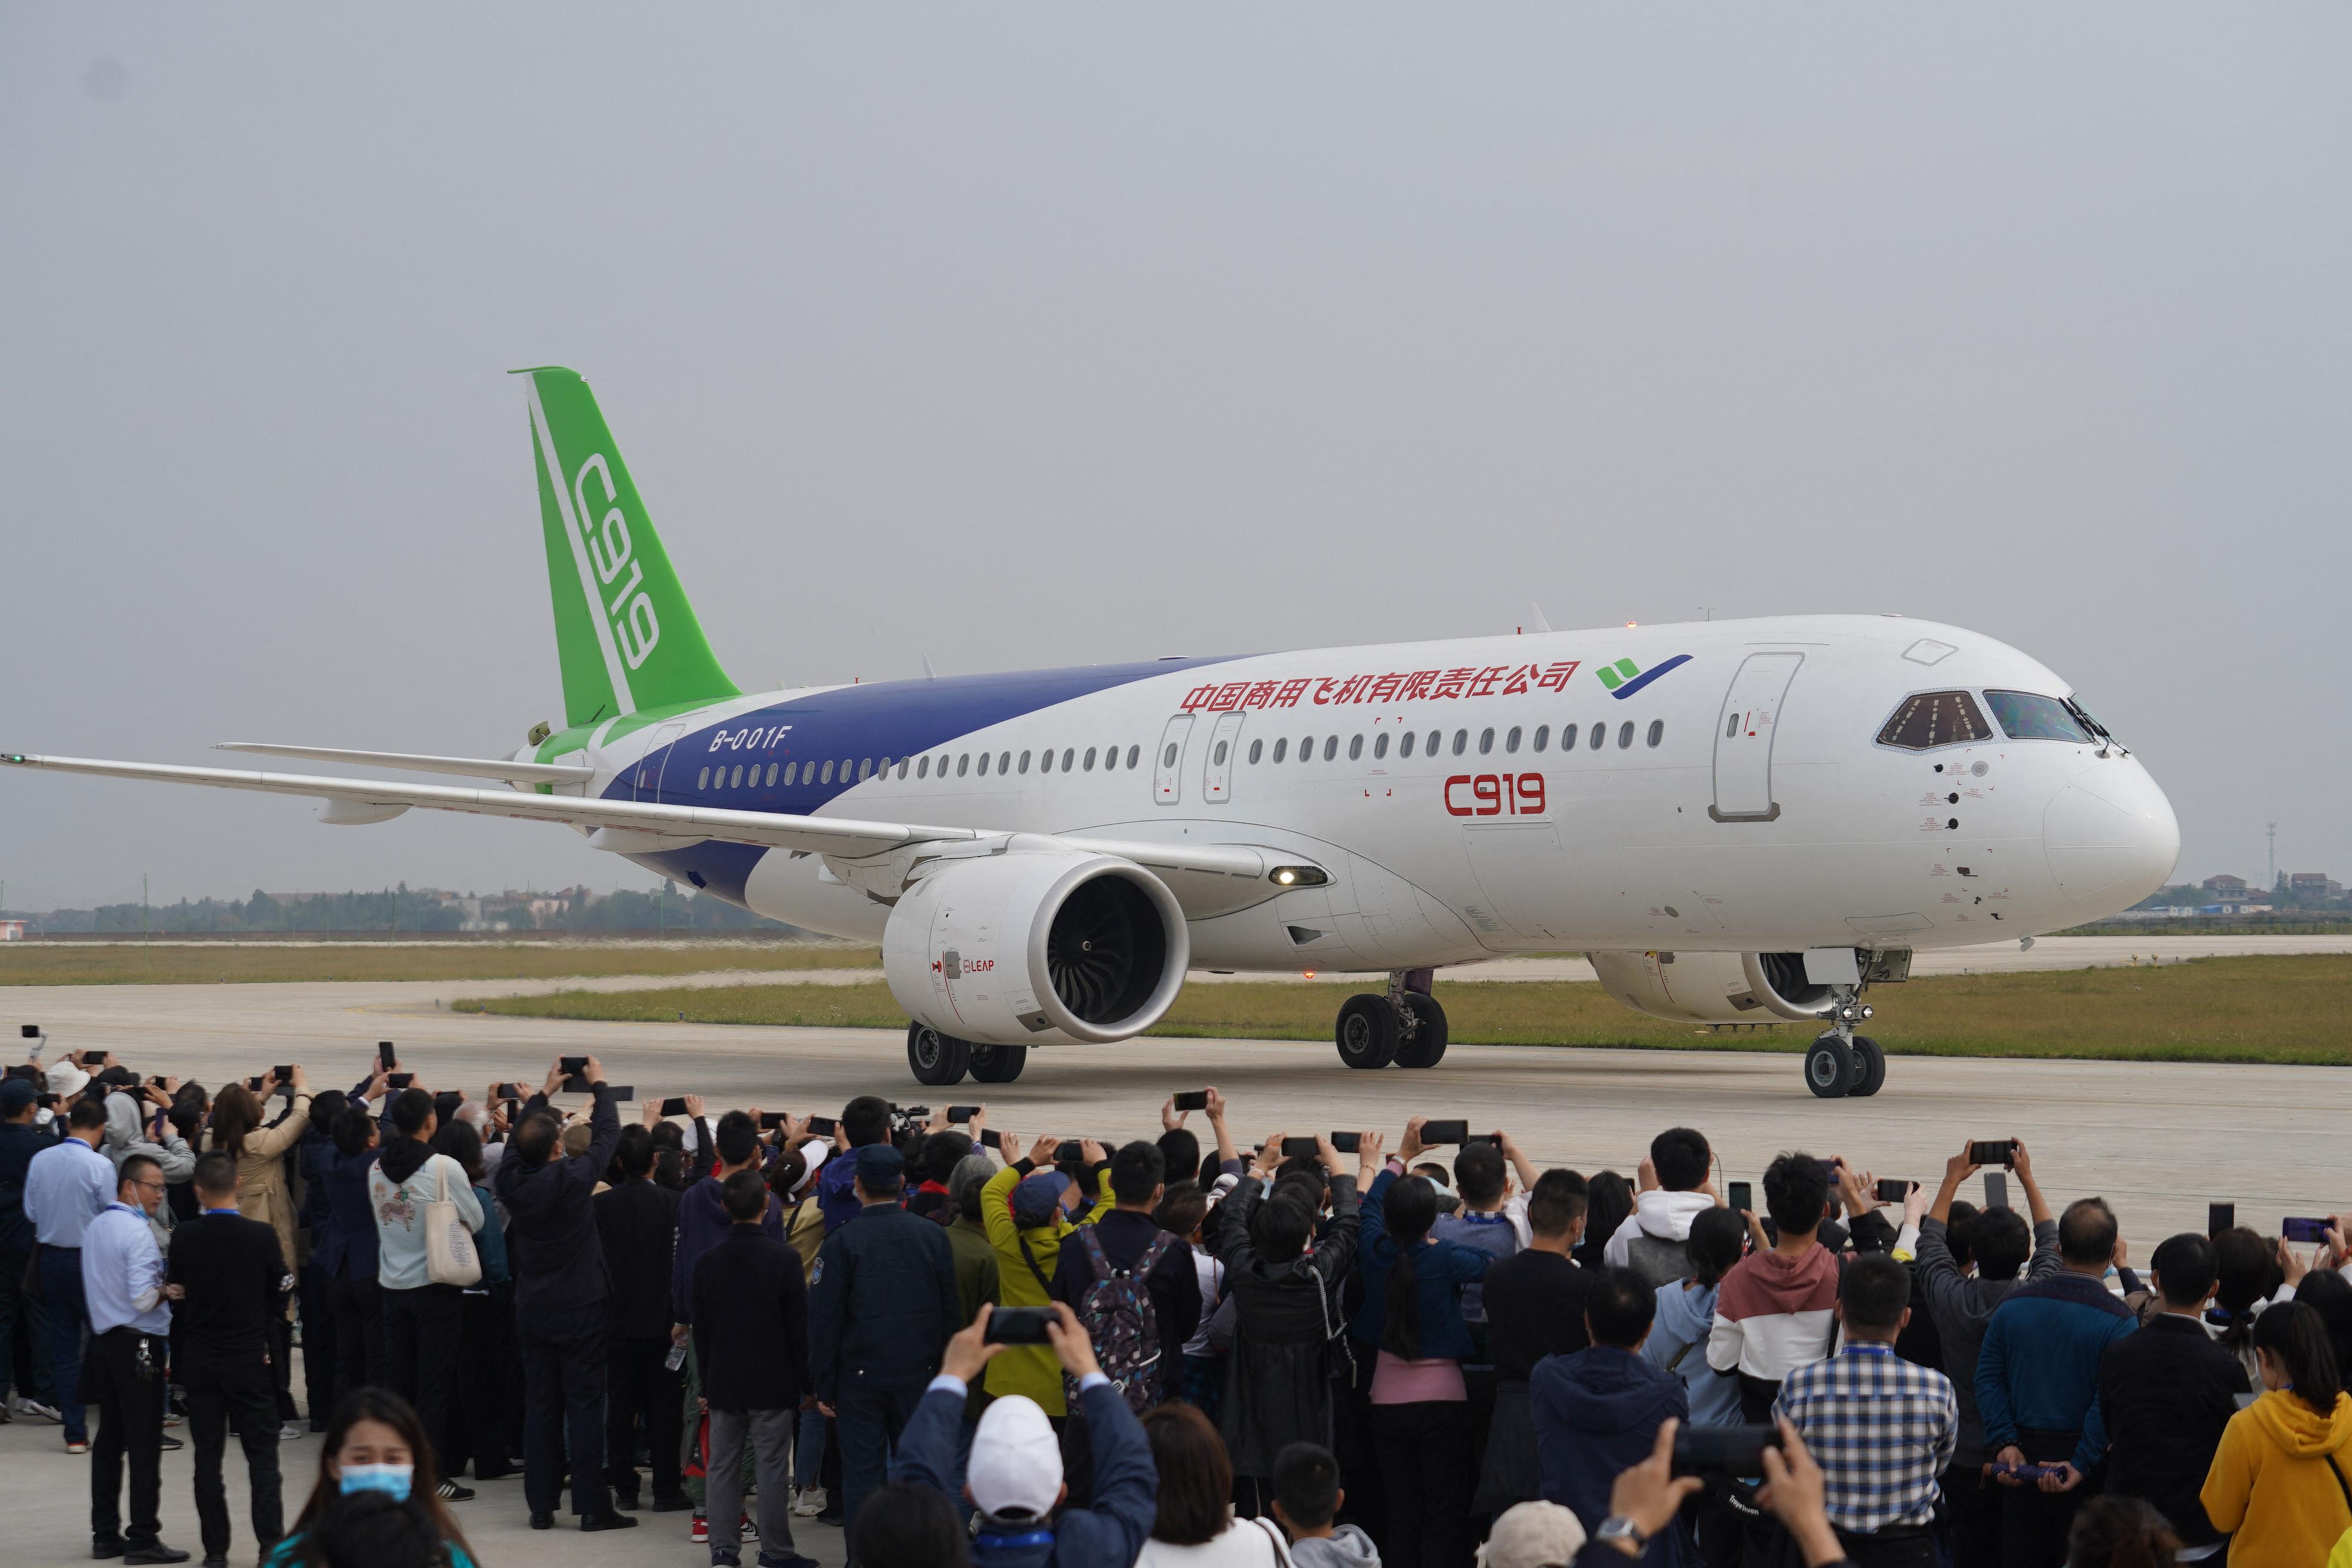 Peking nekimegy a Boeing és az Airbus uralmának